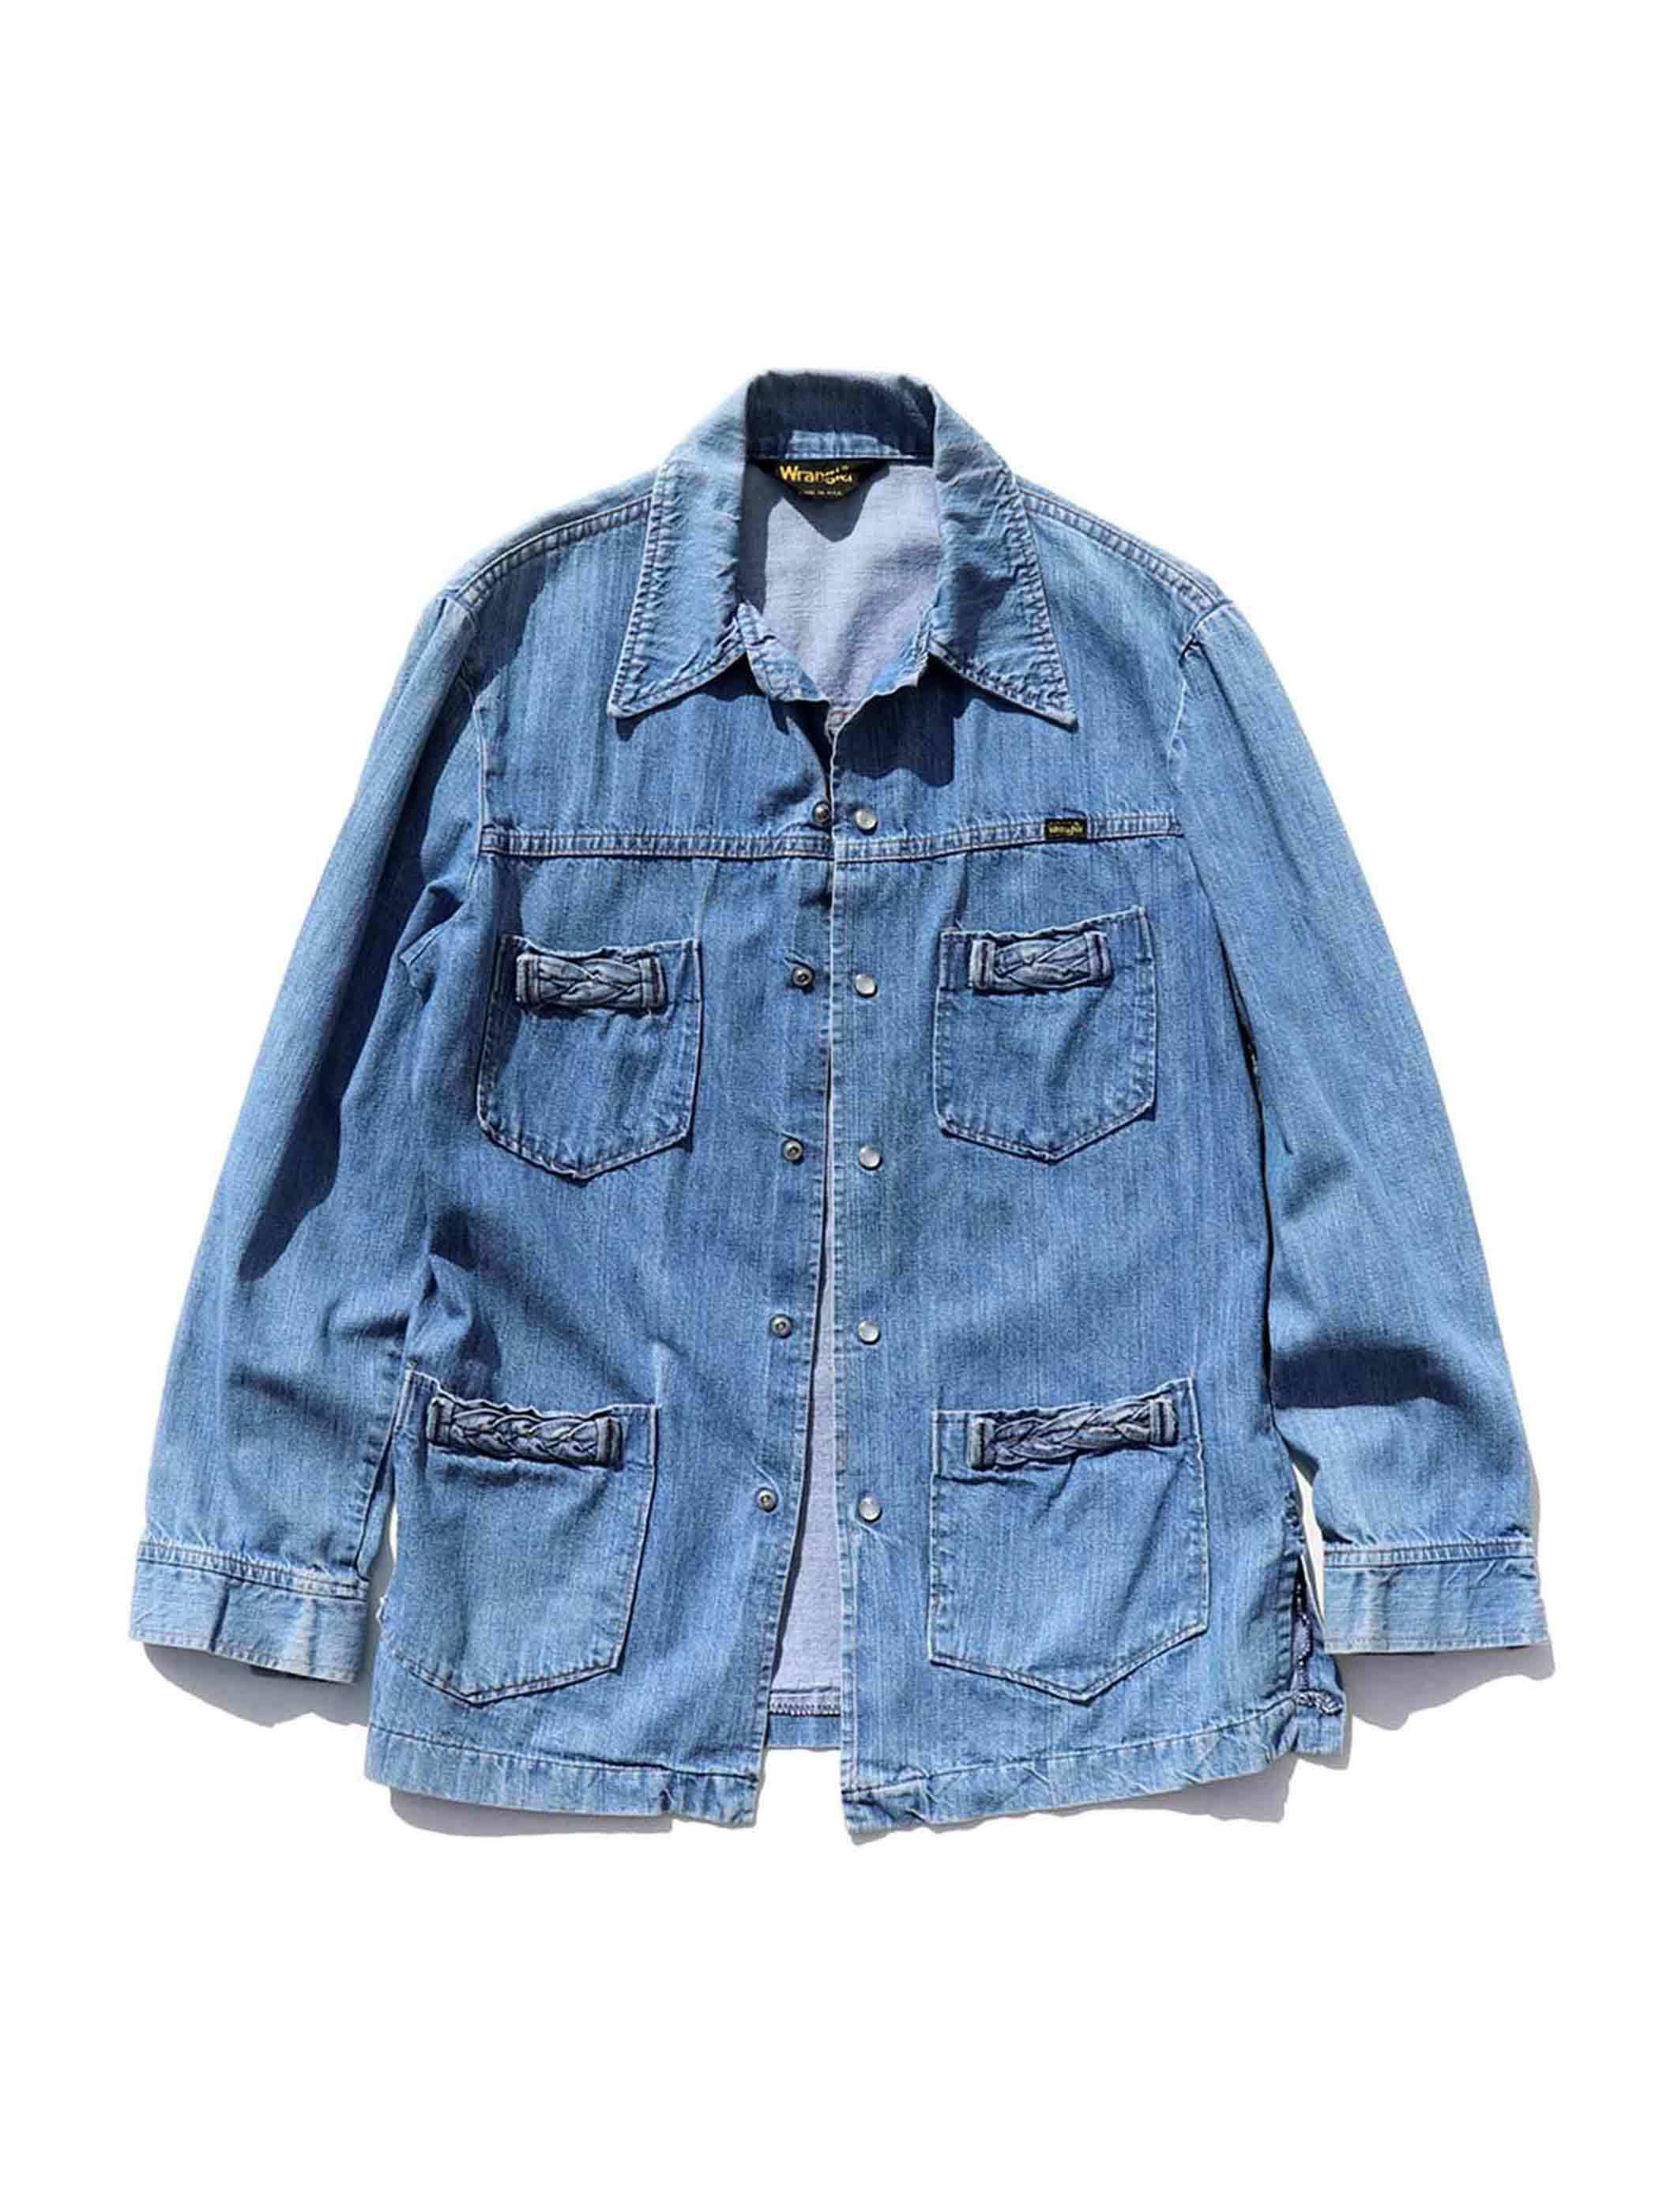 70's~ WRANGLER 4-Pocket Denim Jacket [About M]